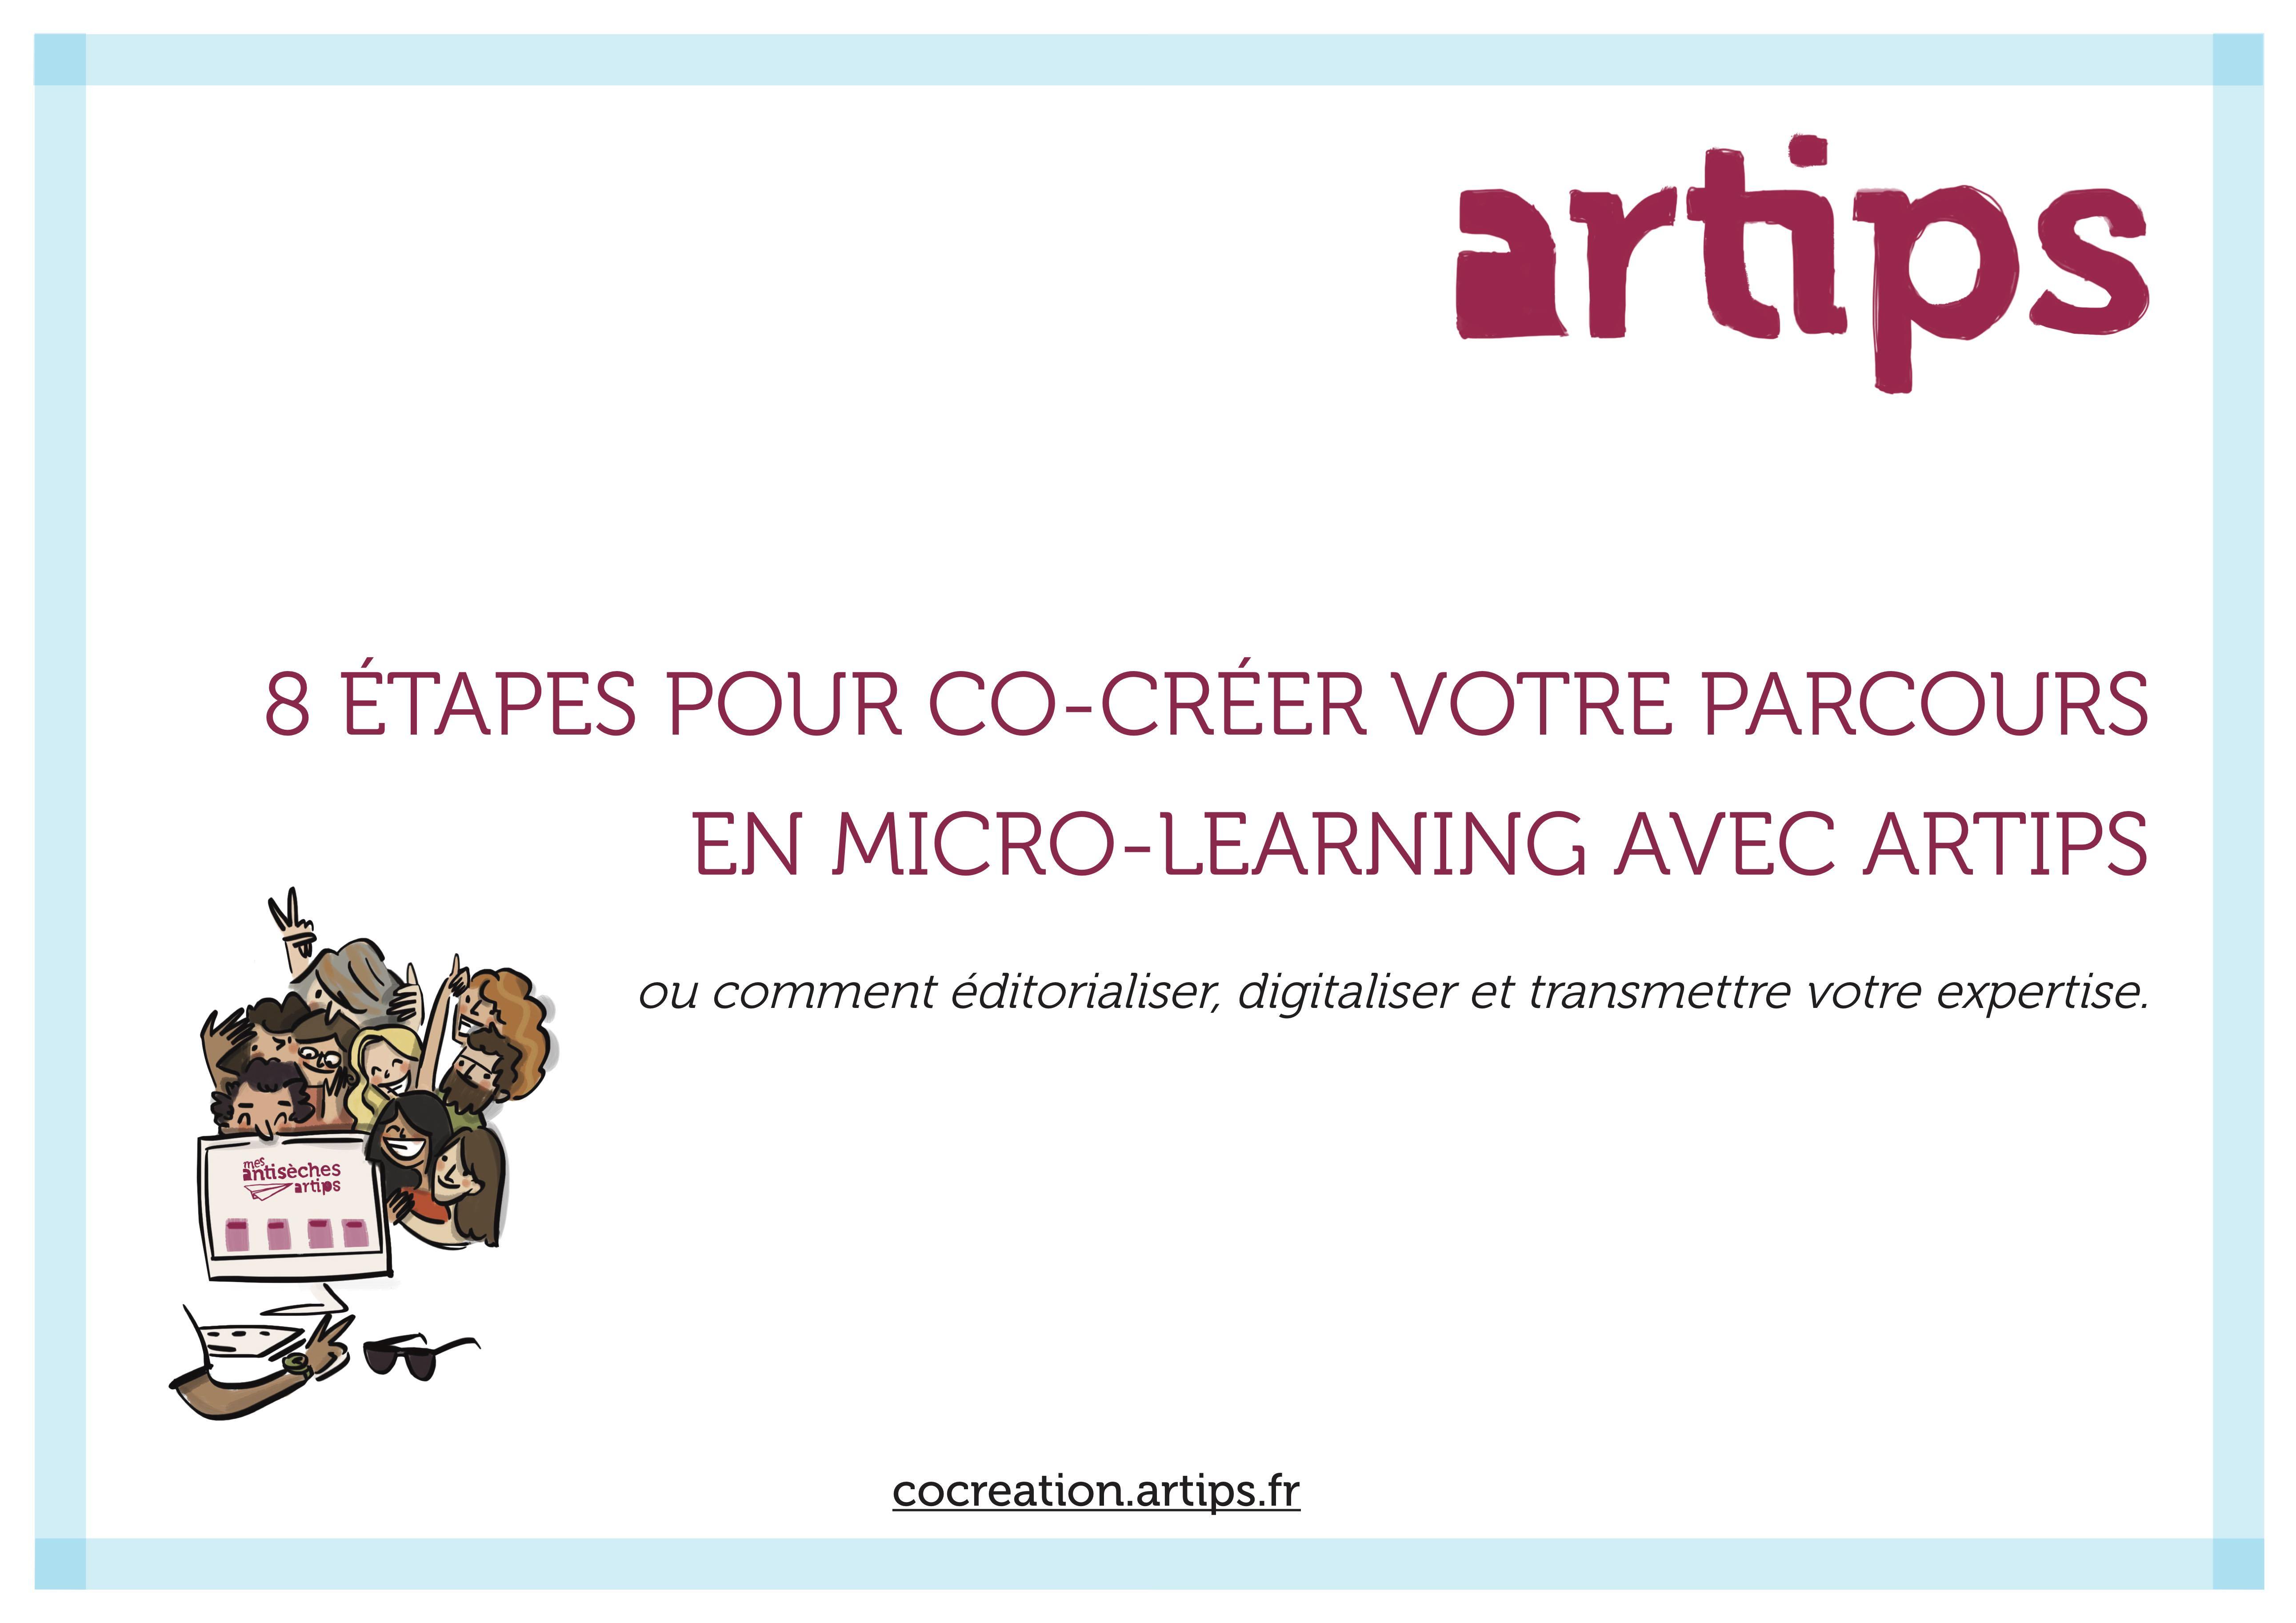 8 Étapes pour co-créer votre parcours en micro-learning avec Artips